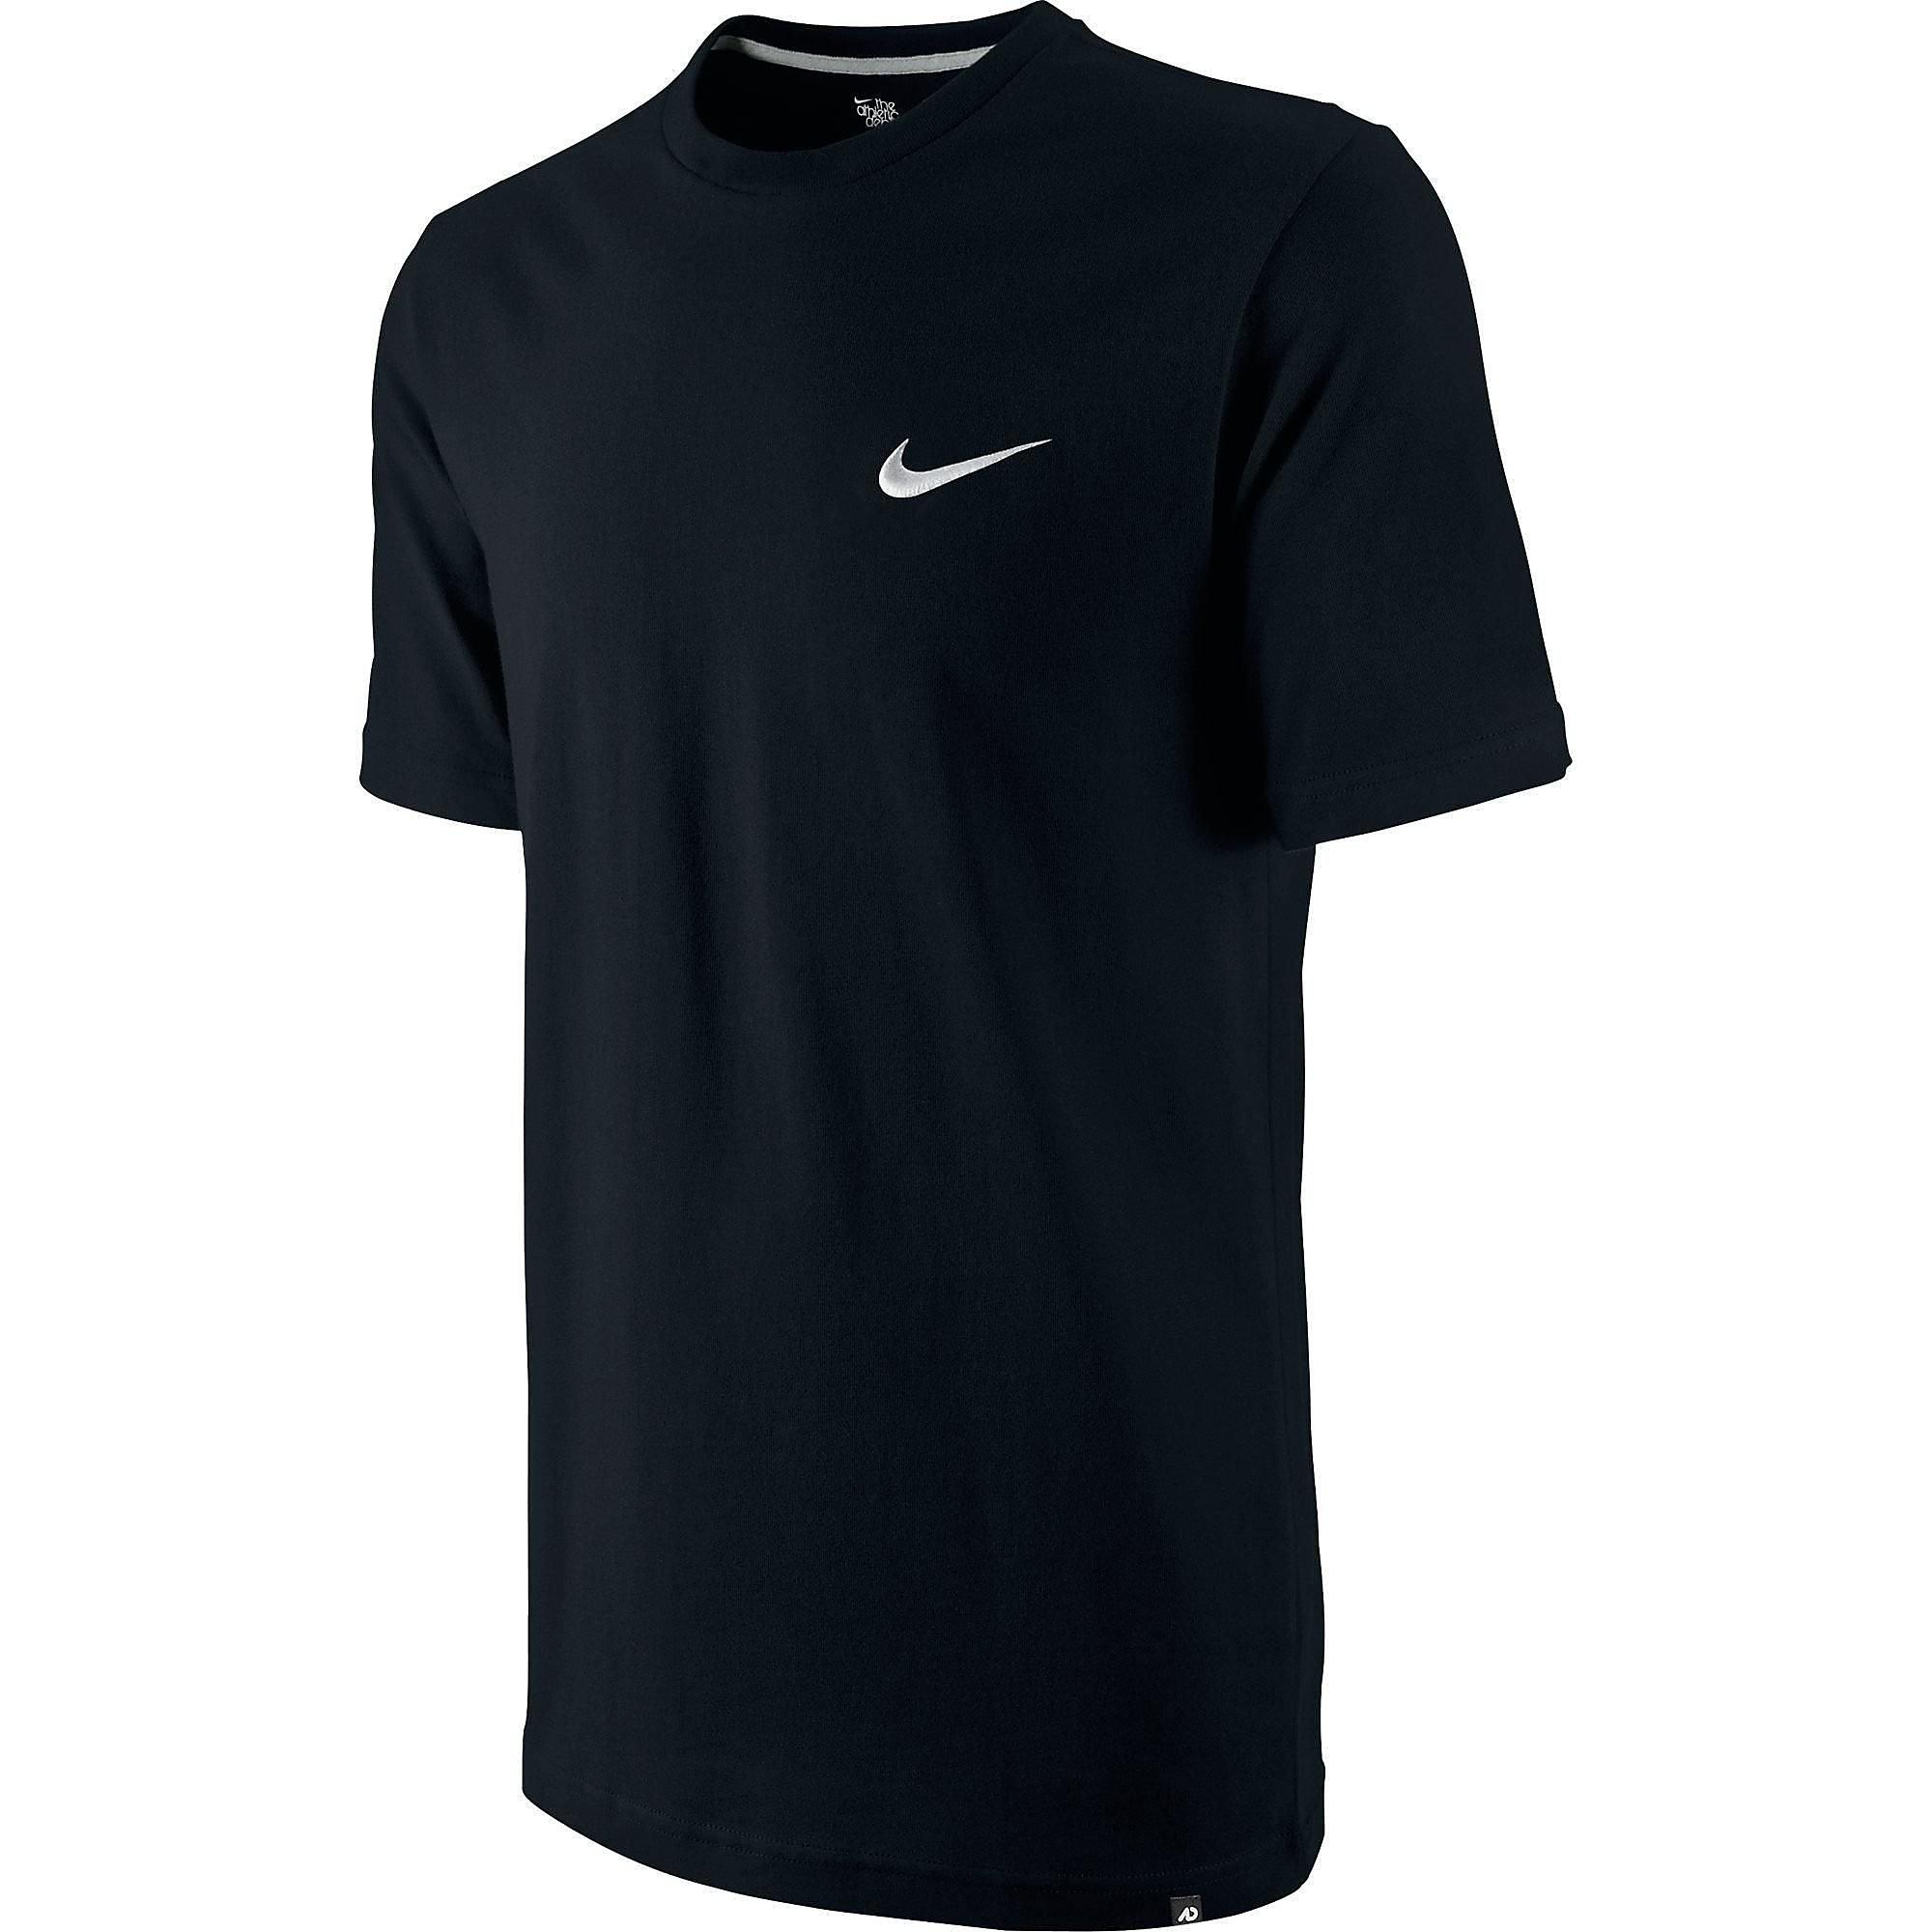 Nike TEE CREW